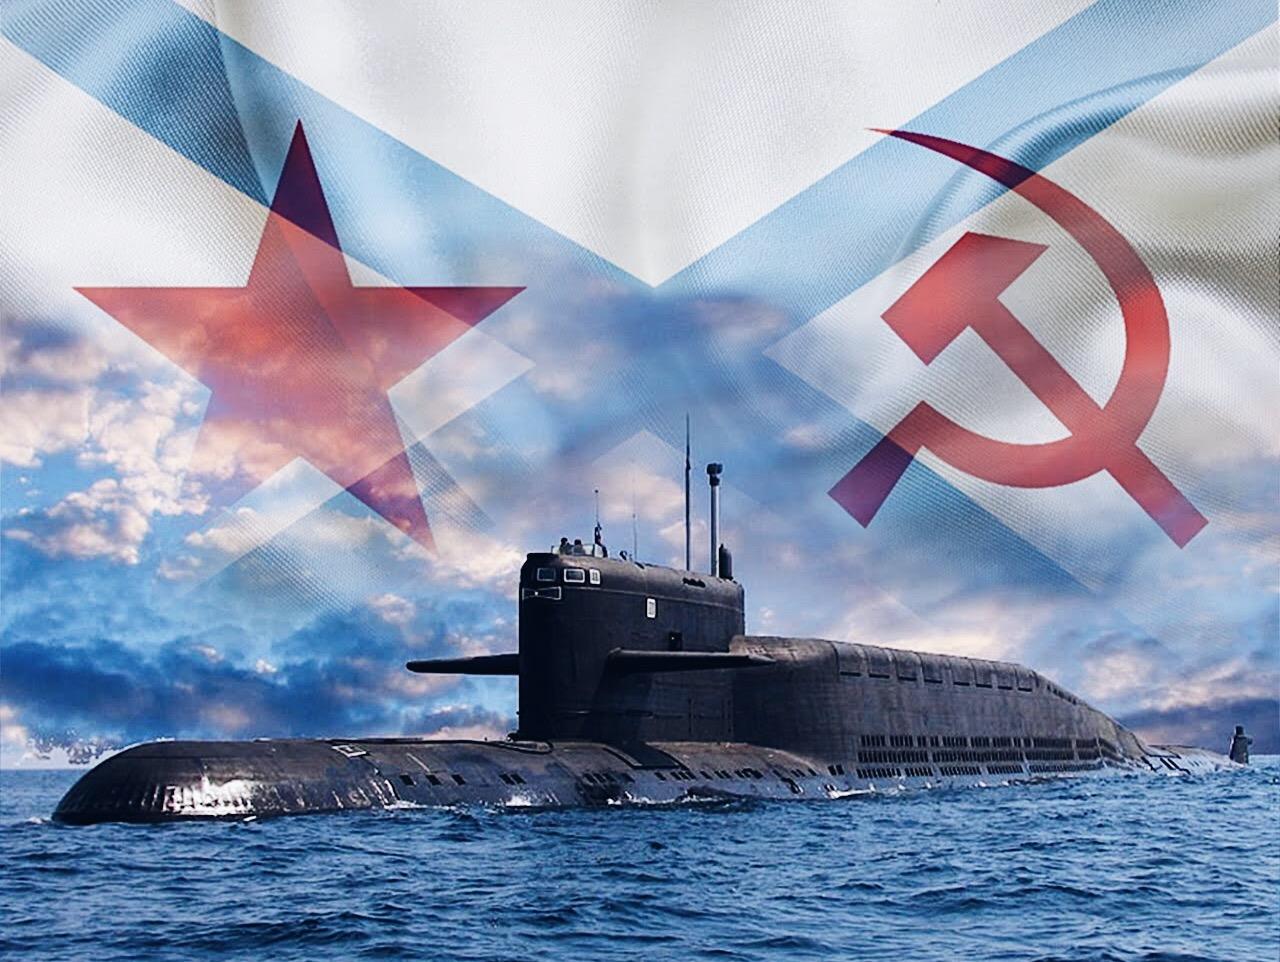 Картинки с днем подводного флота россии, открытки добрым